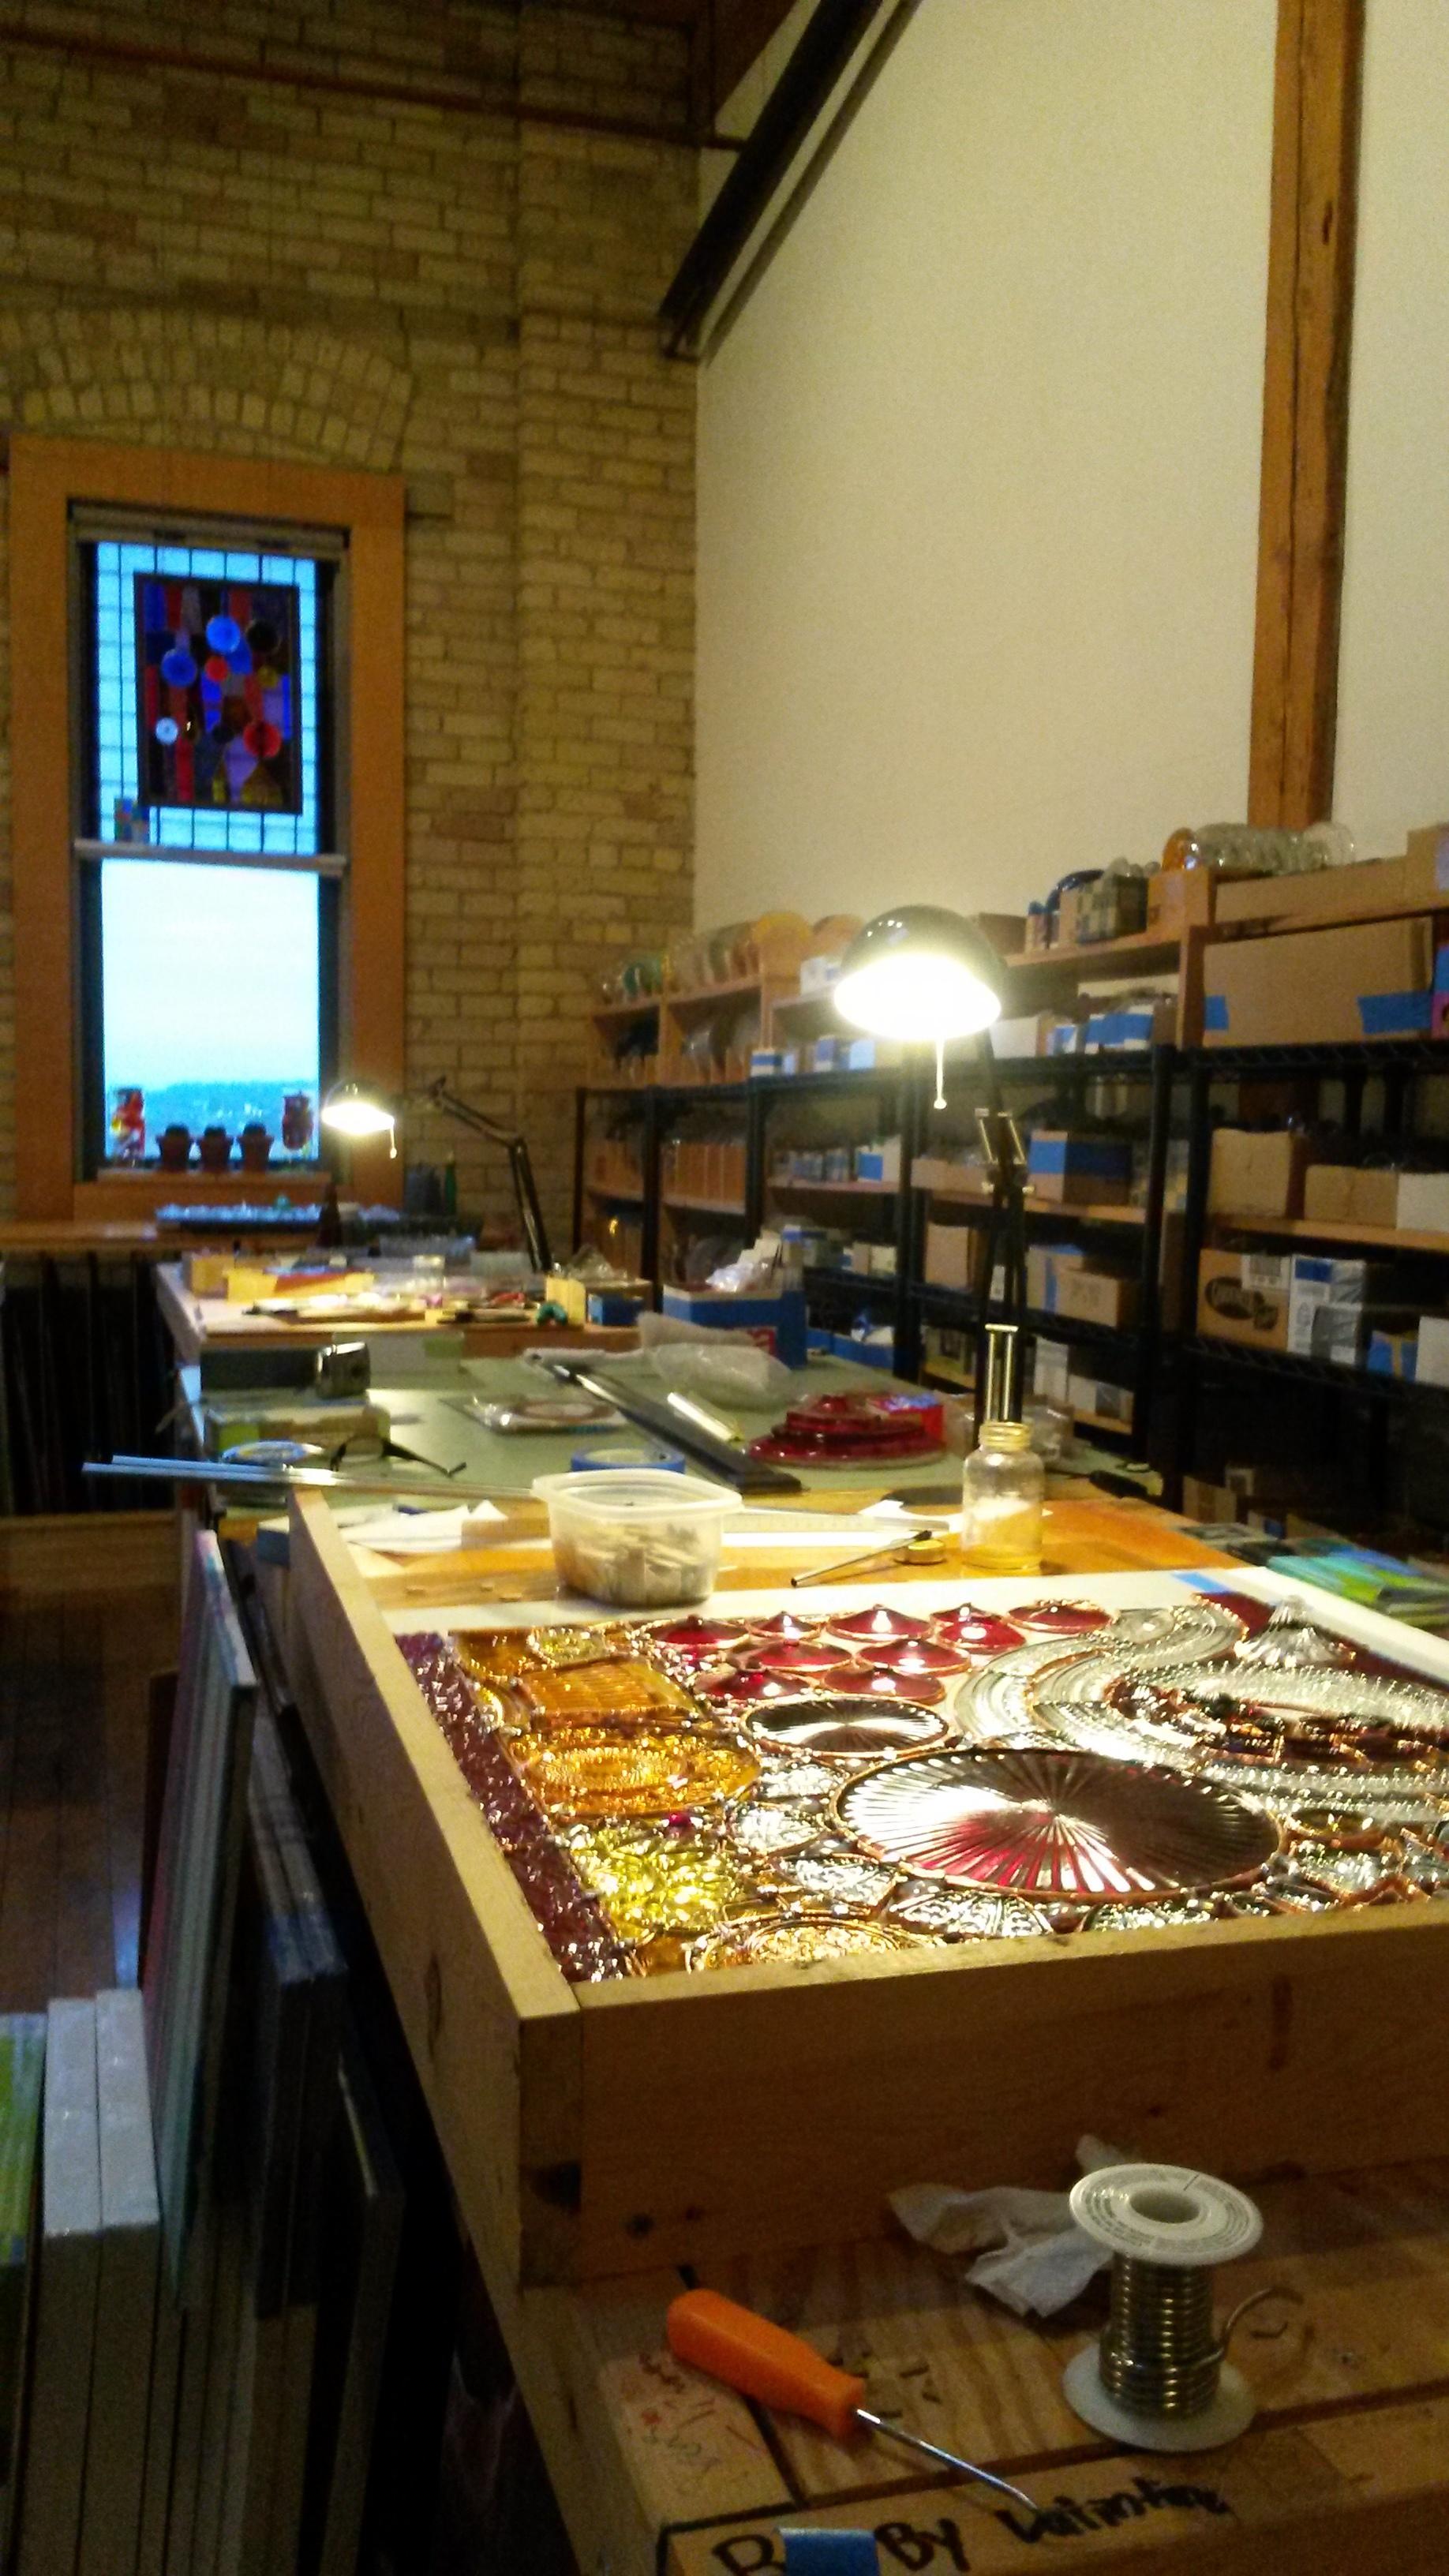 Studio of  Joe Krumplemann , Glass Artist and Painter